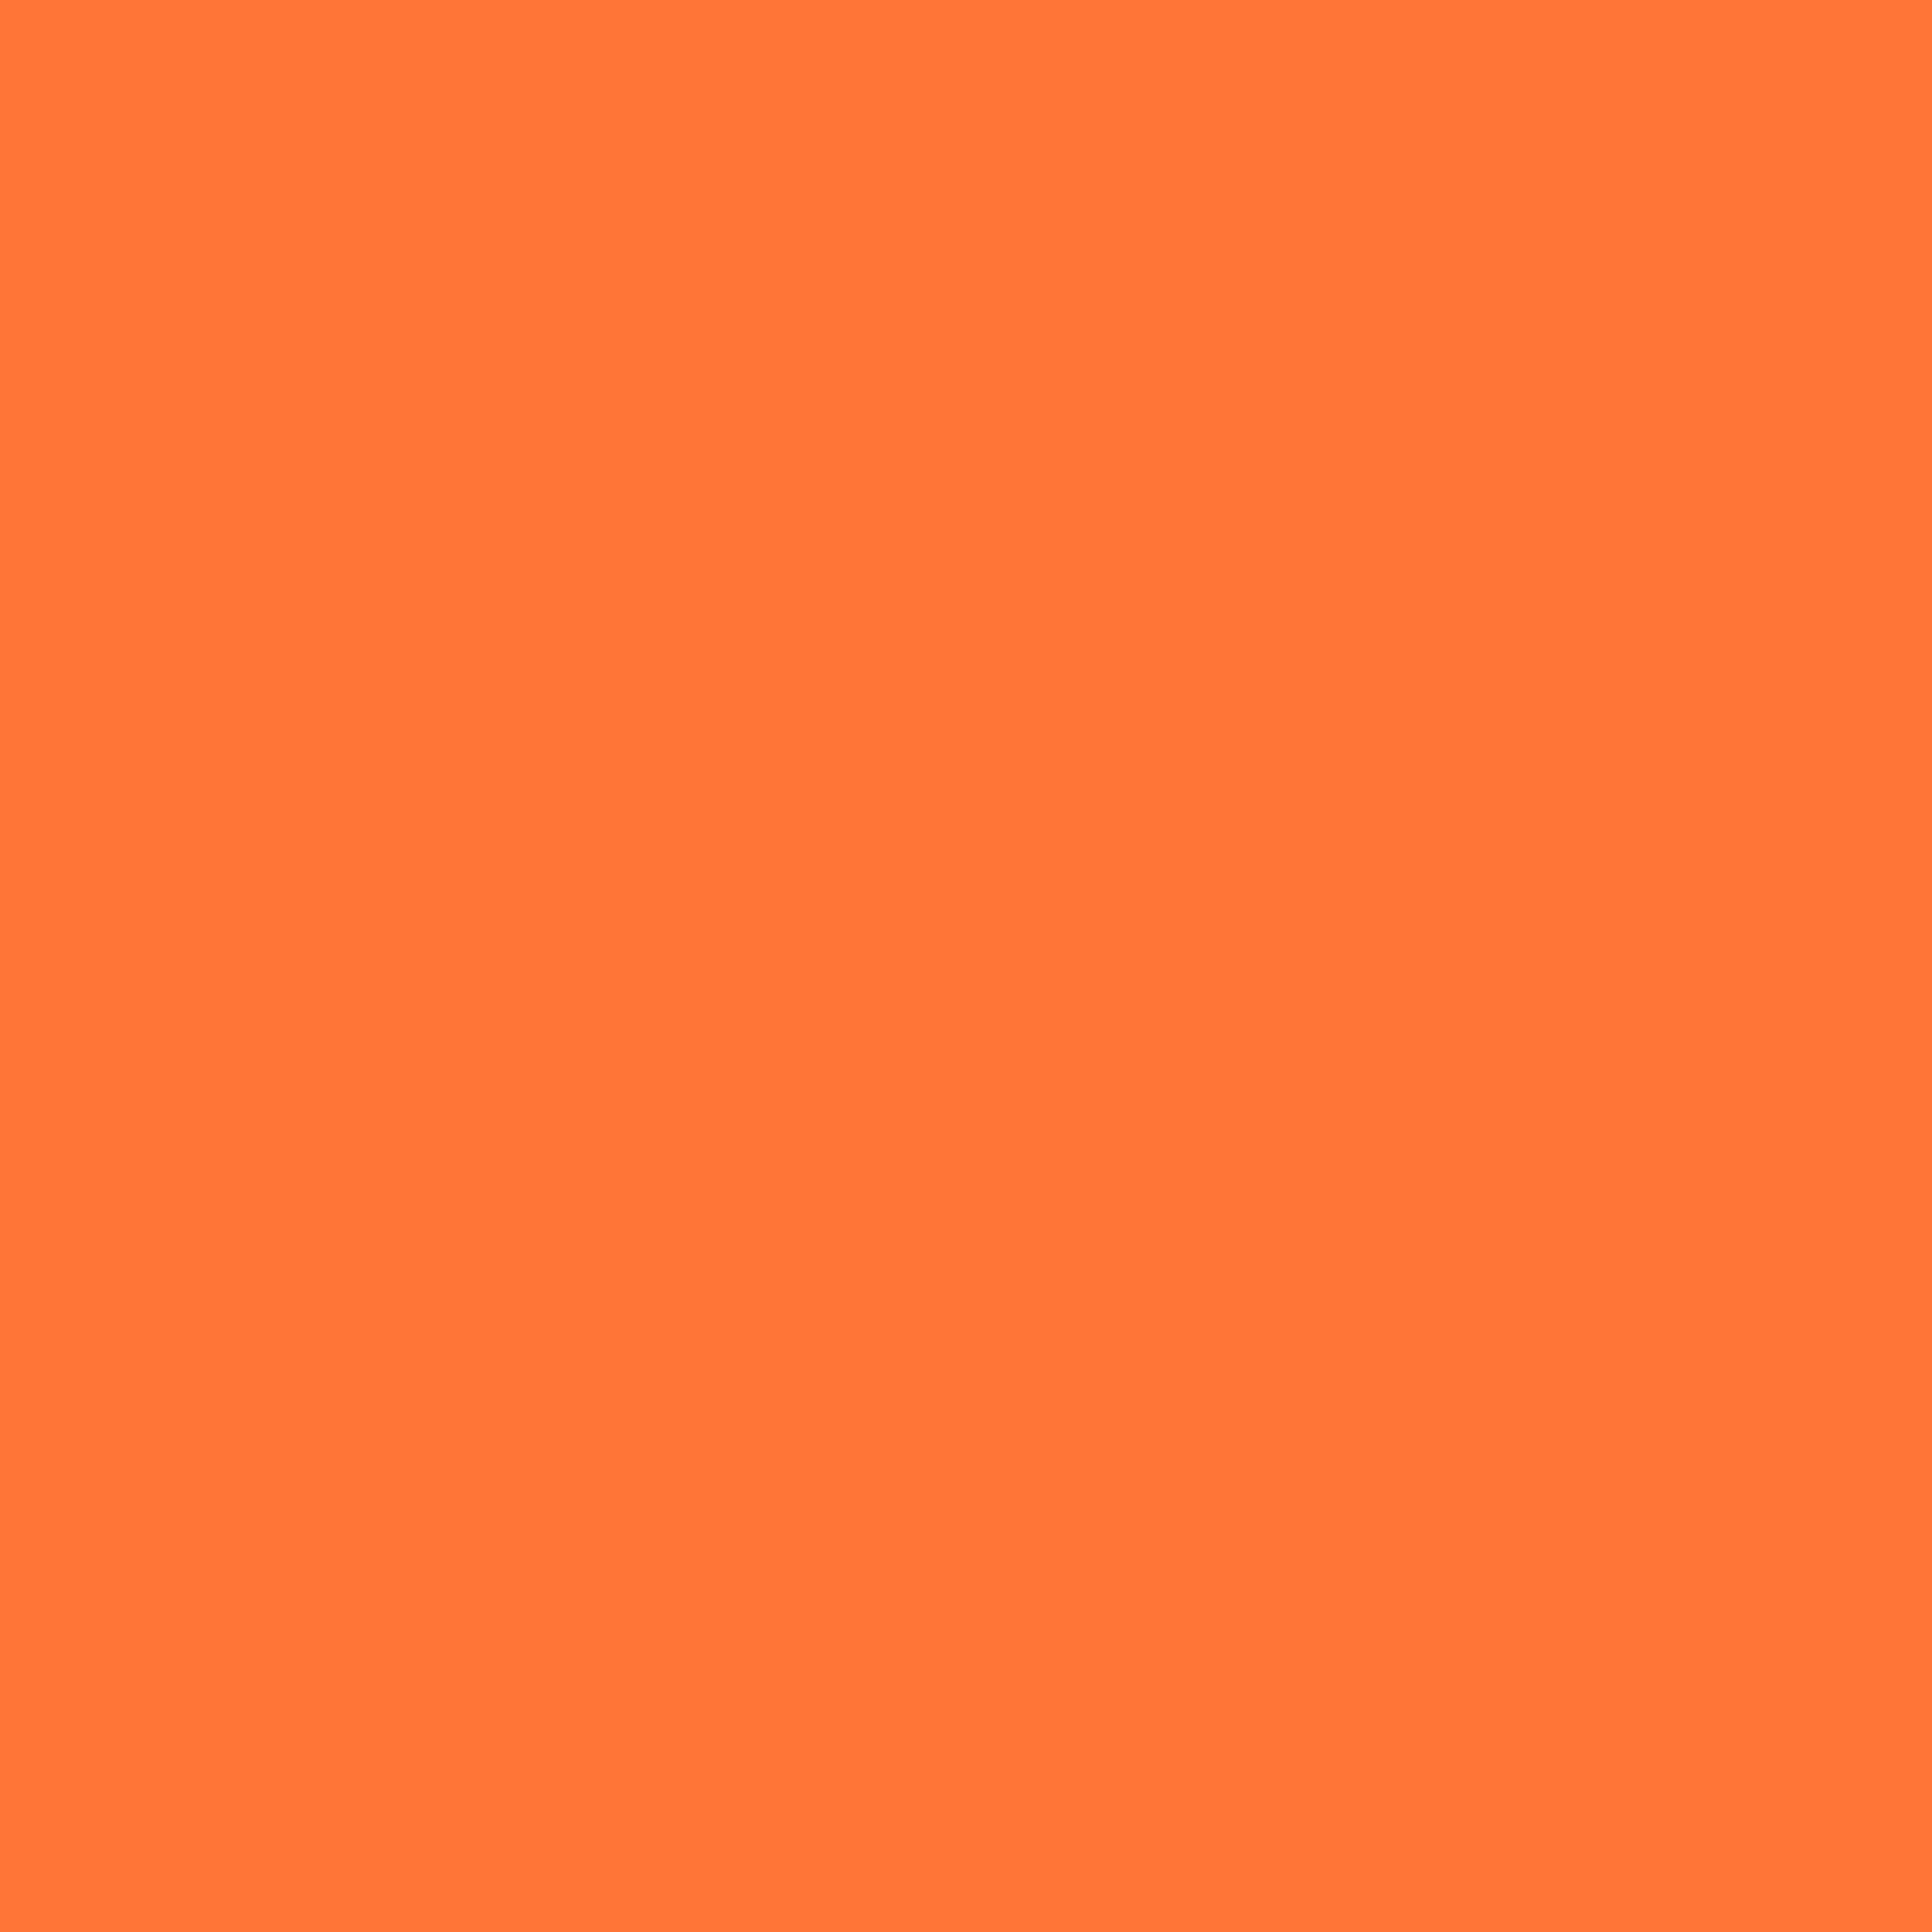 3600x3600 Orange Crayola Solid Color Background